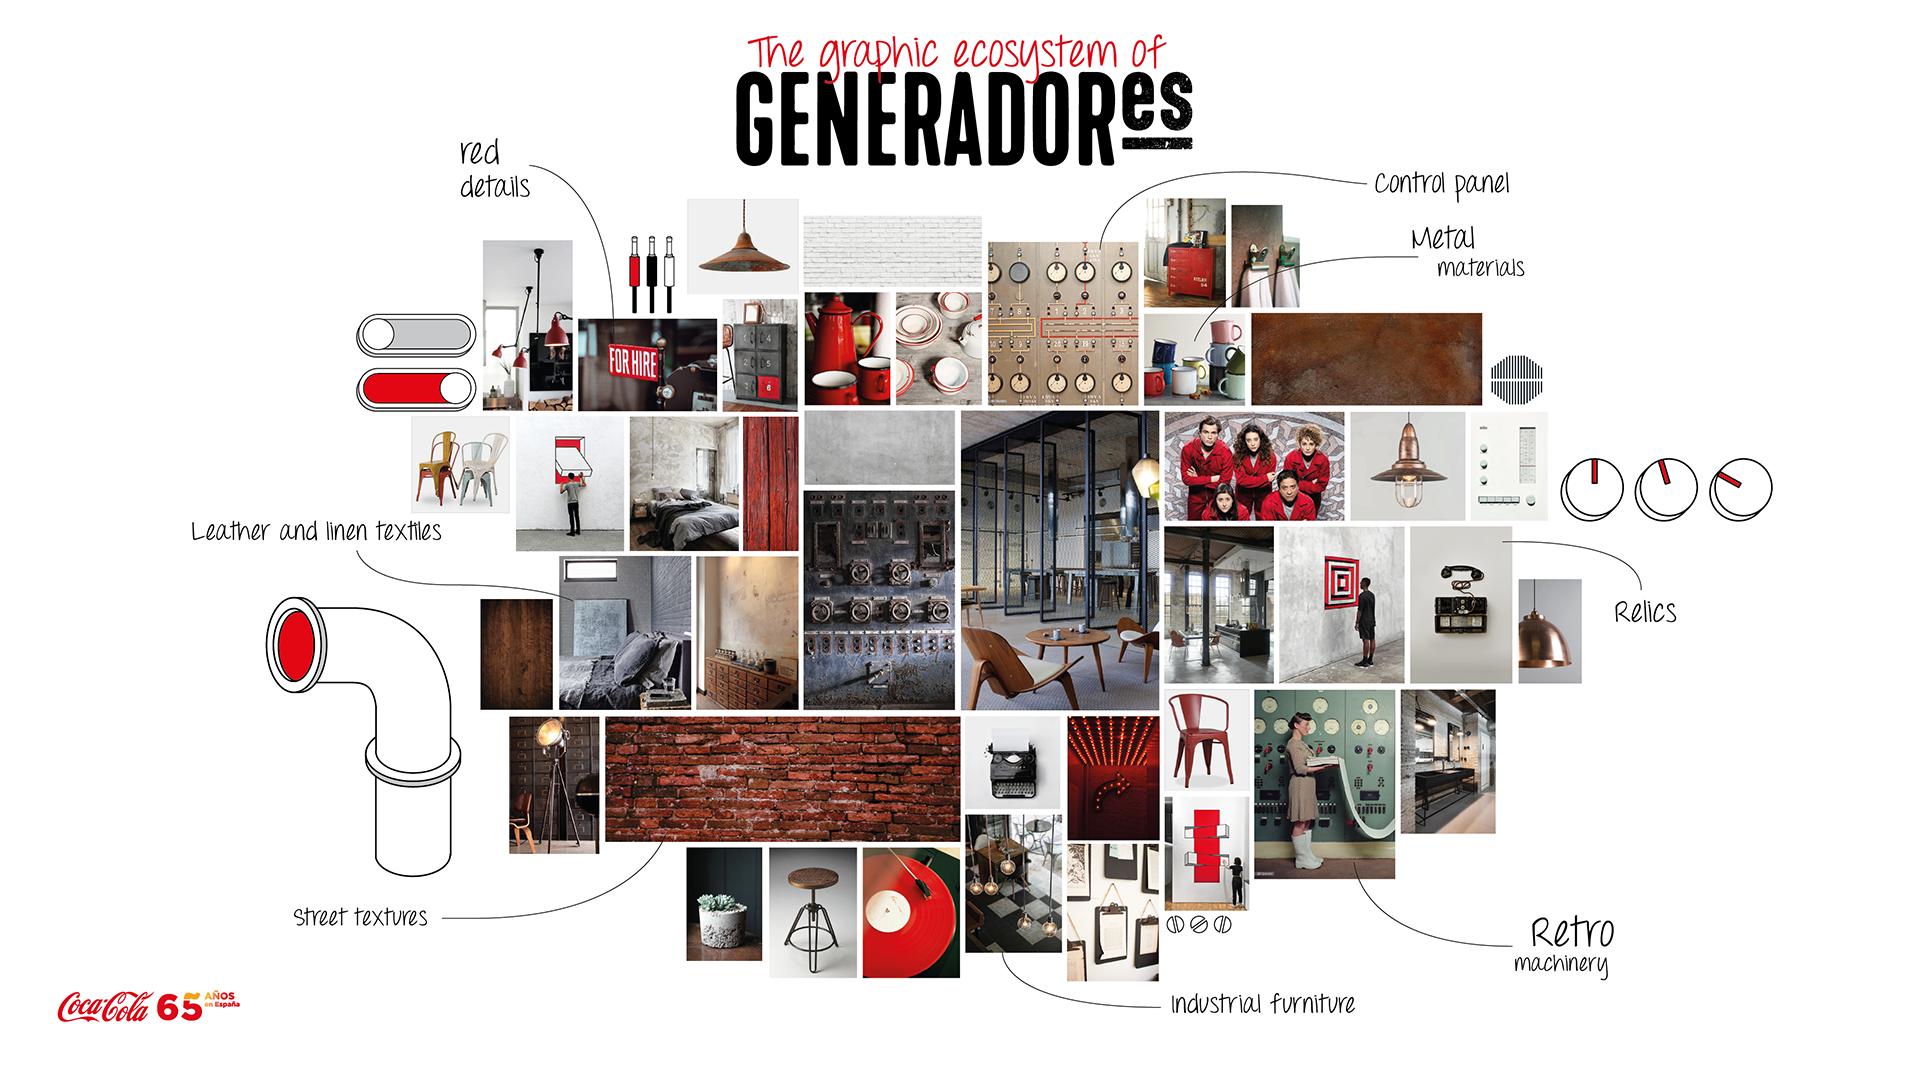 GeneradorES by LLYC - Creative Work - $i